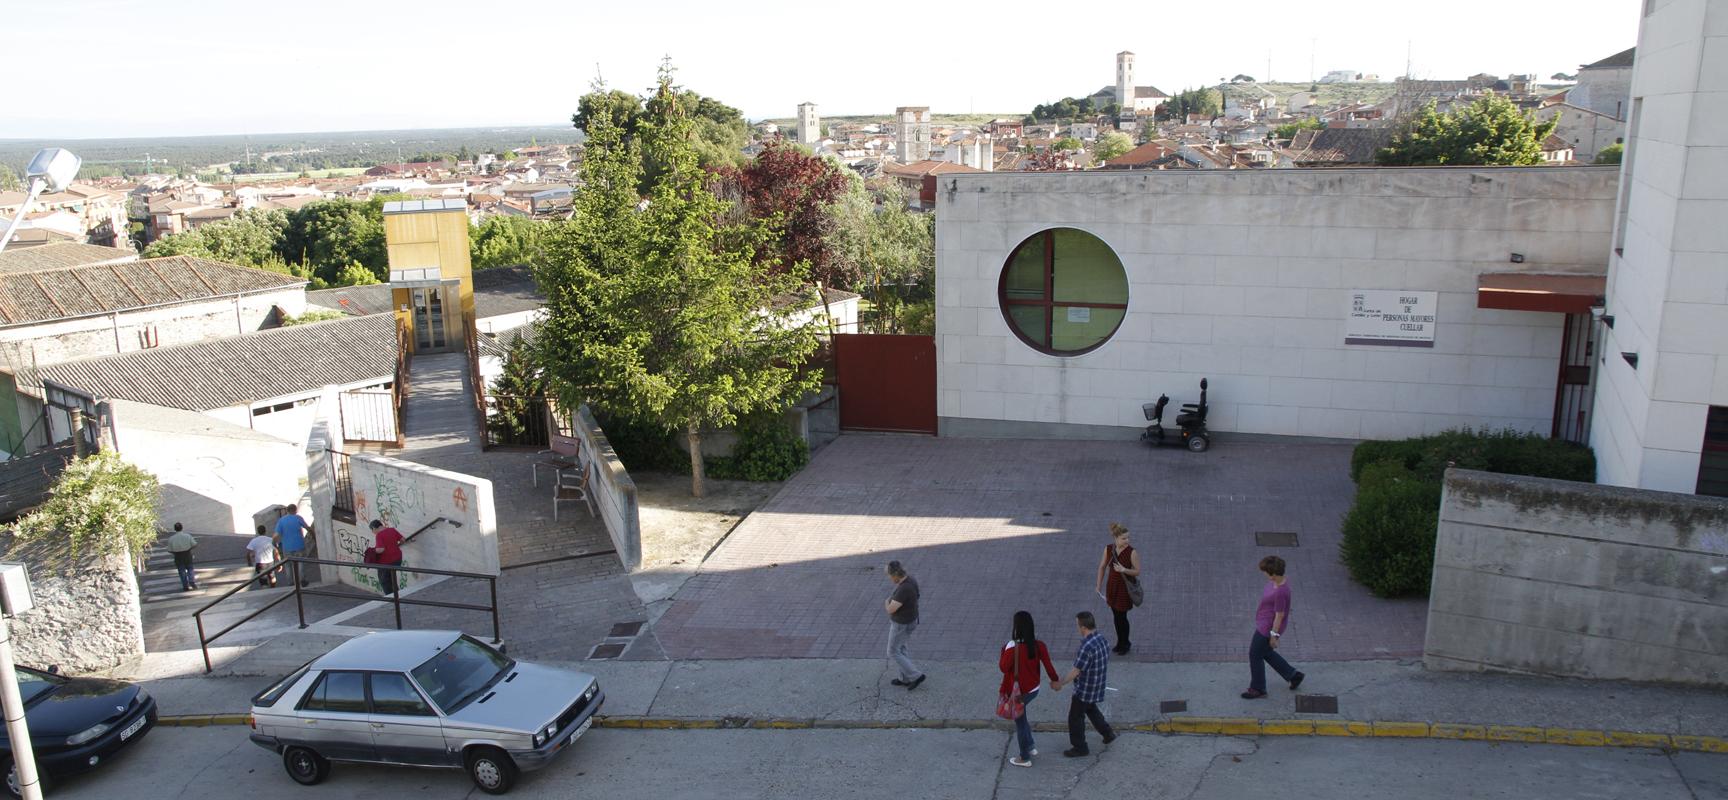 El Centro de día de Personas Mayores de la villa deesarrolla su programación de primavera-verano.